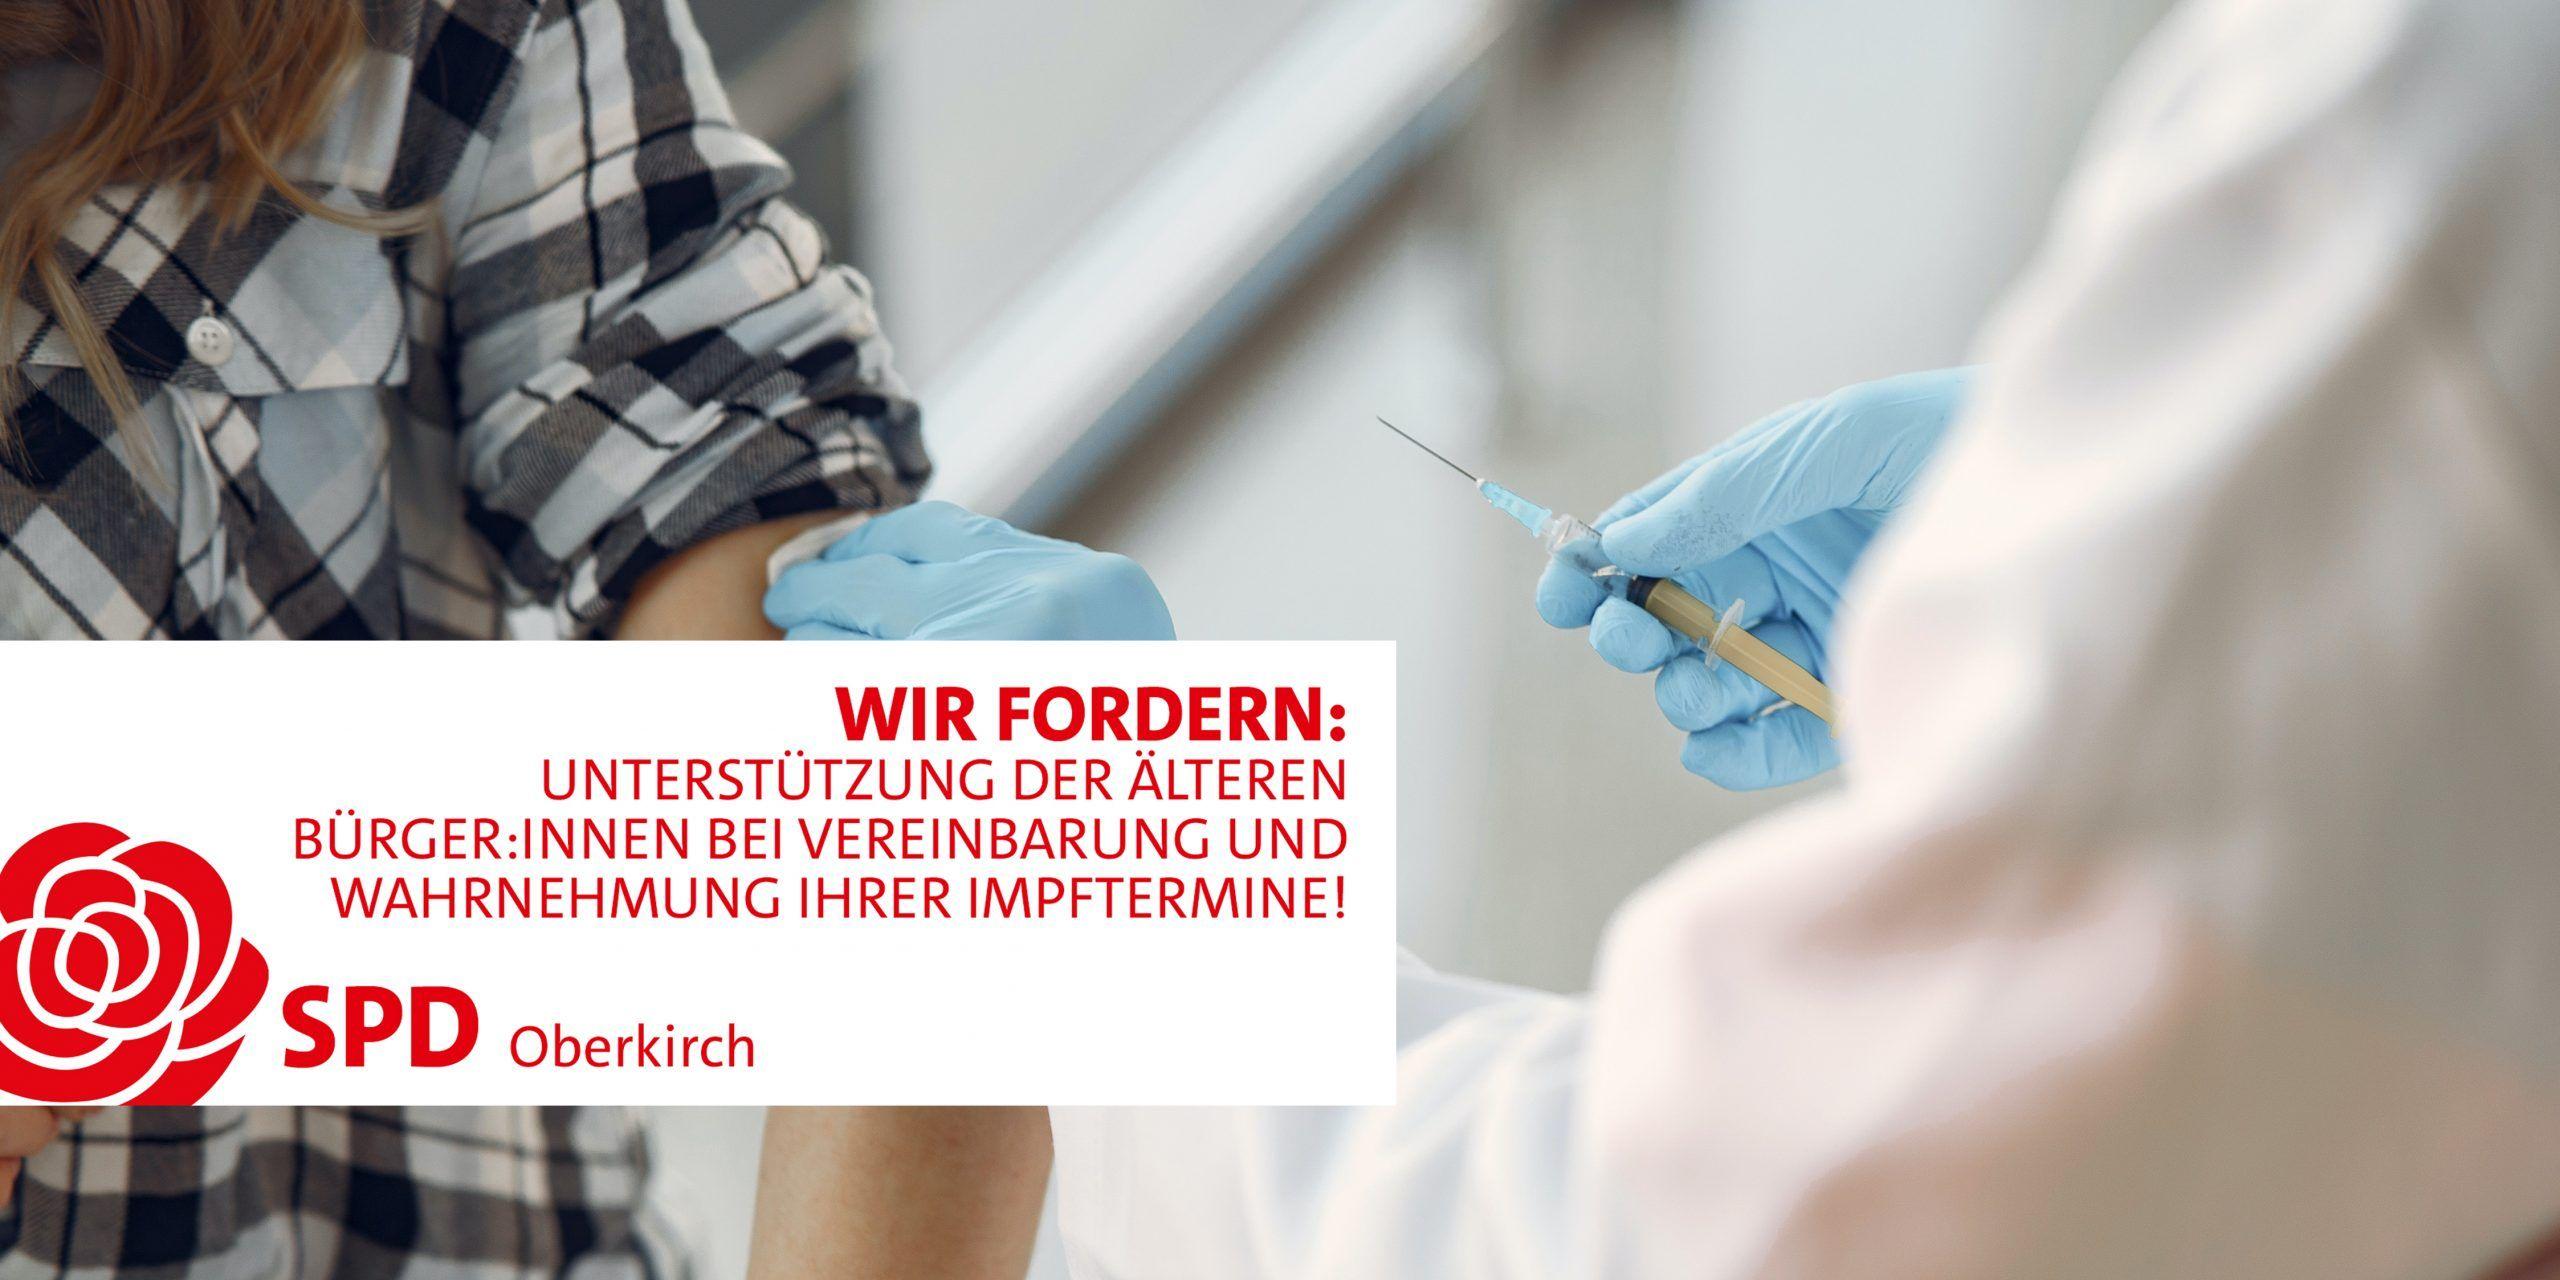 Impfung, junge Frau wird von Ärztin geimpft